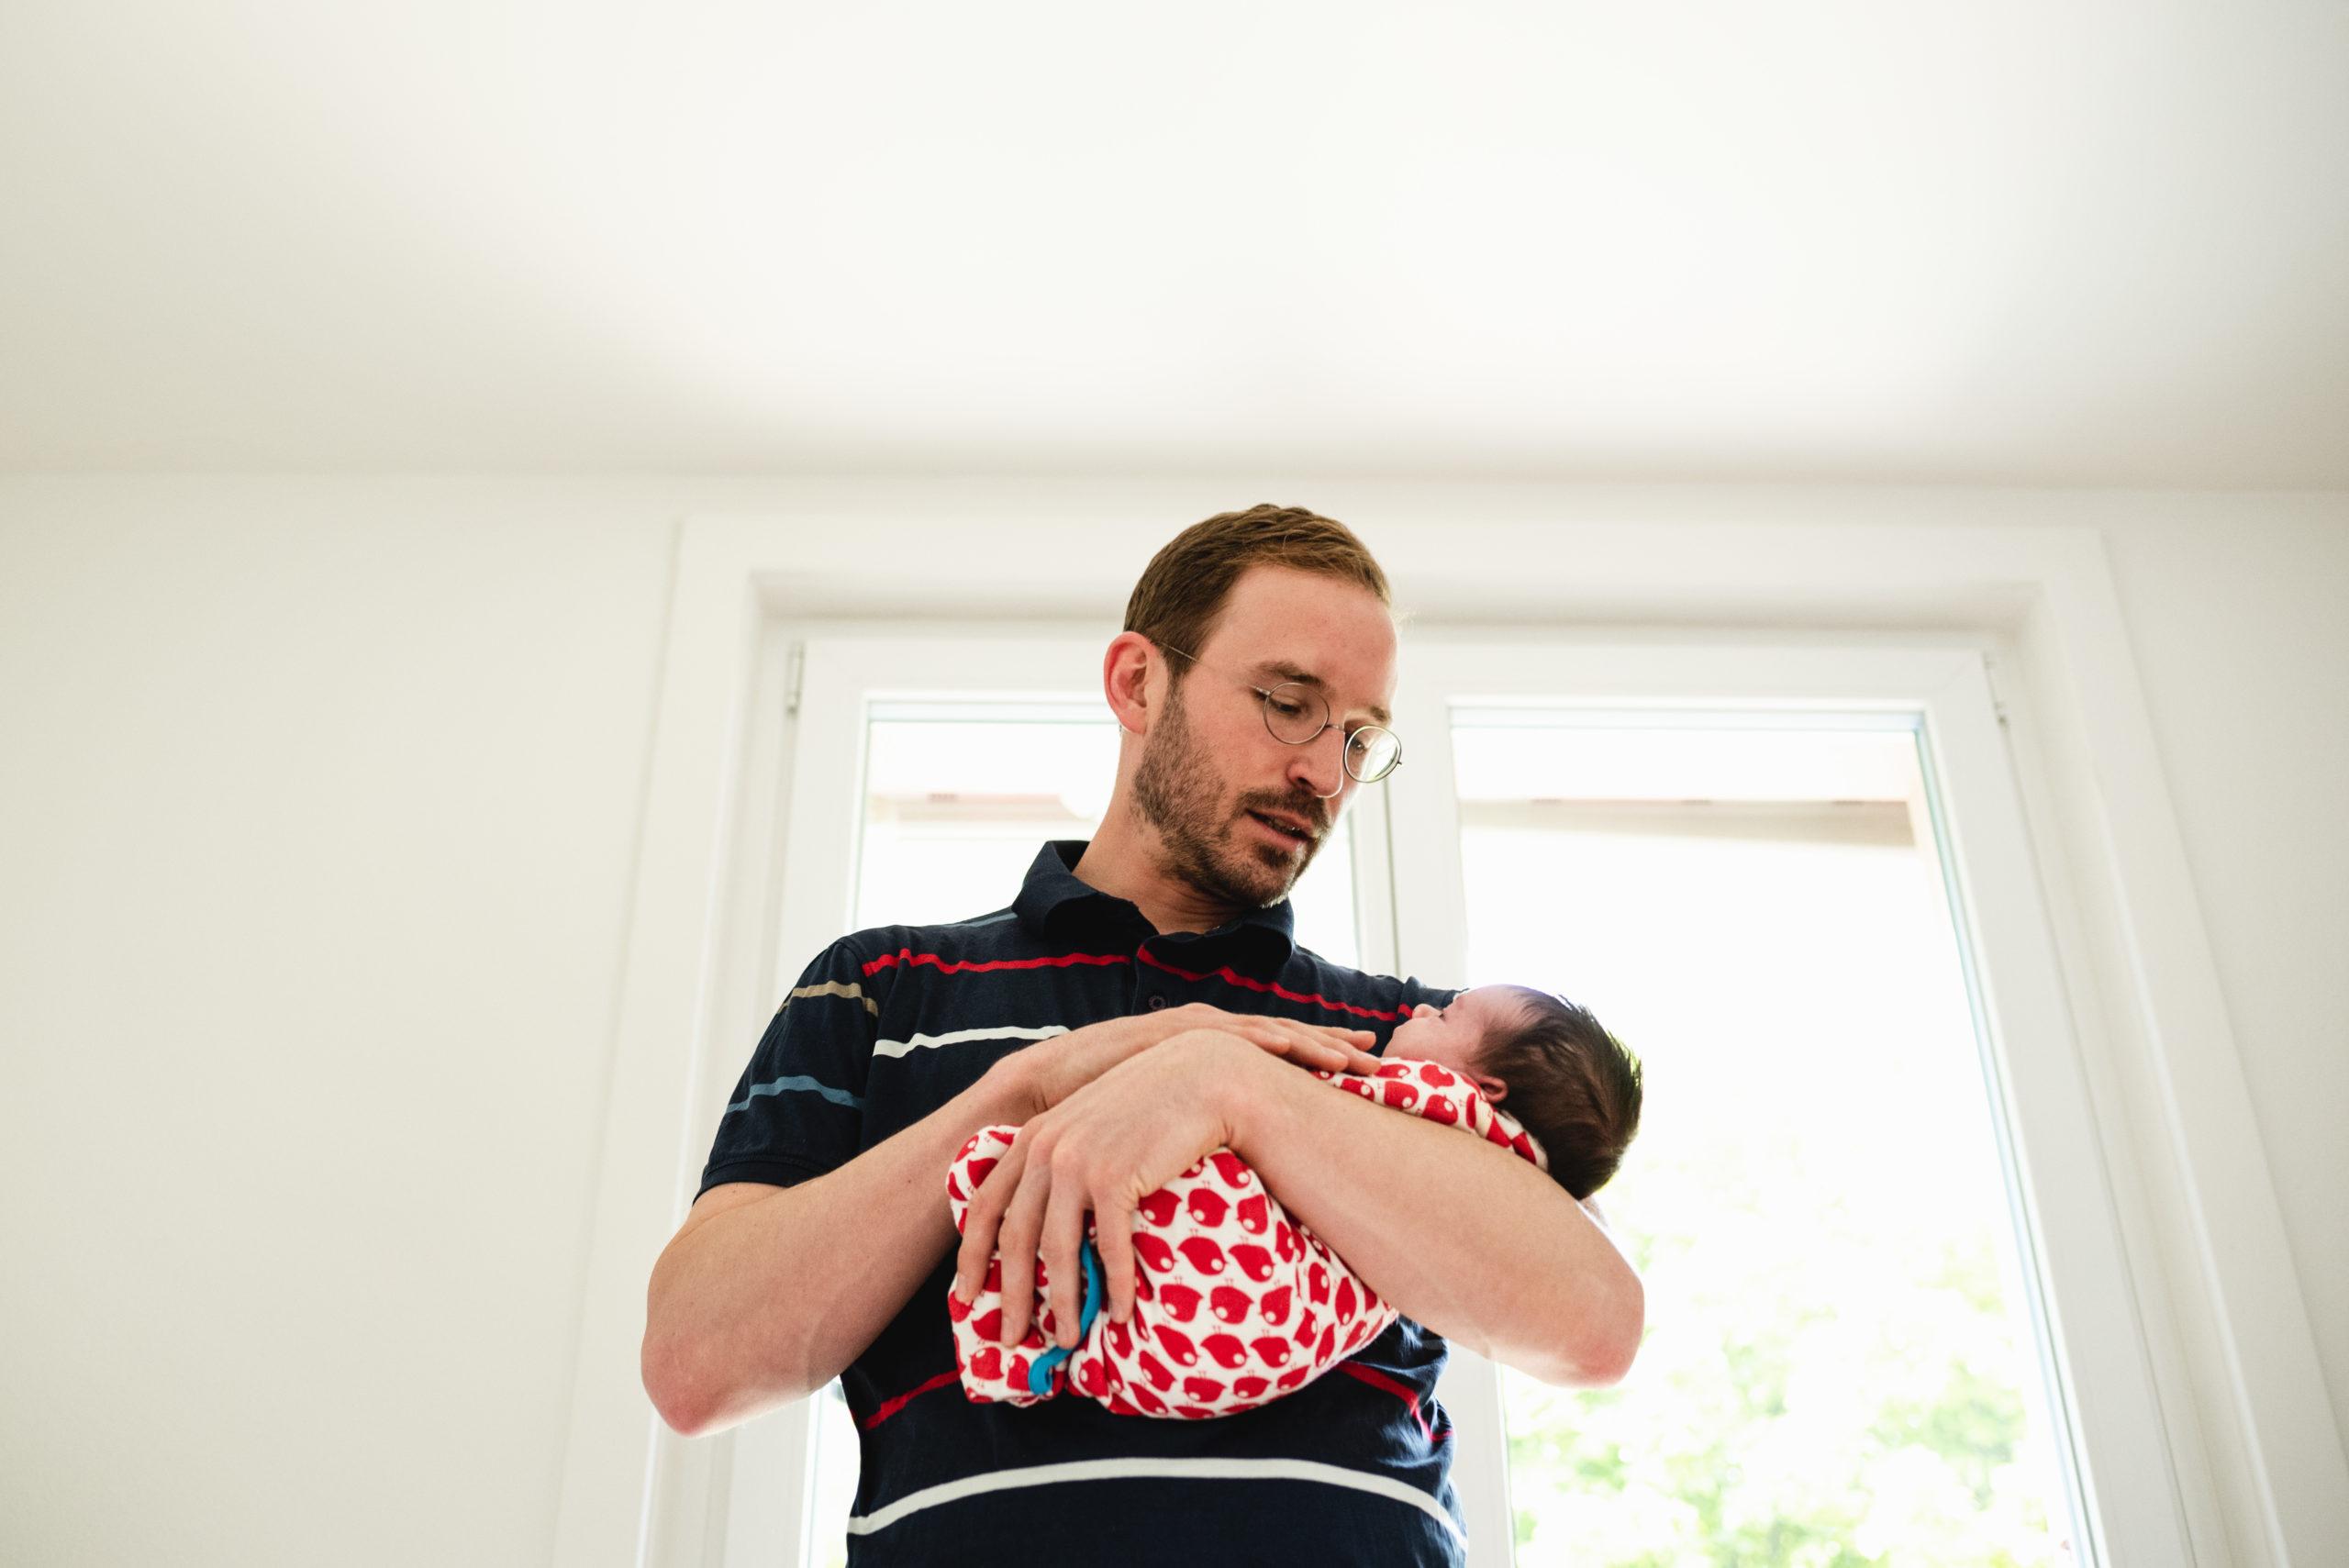 Vater hält in den Armen neugeborenes Baby vor einem Fenster